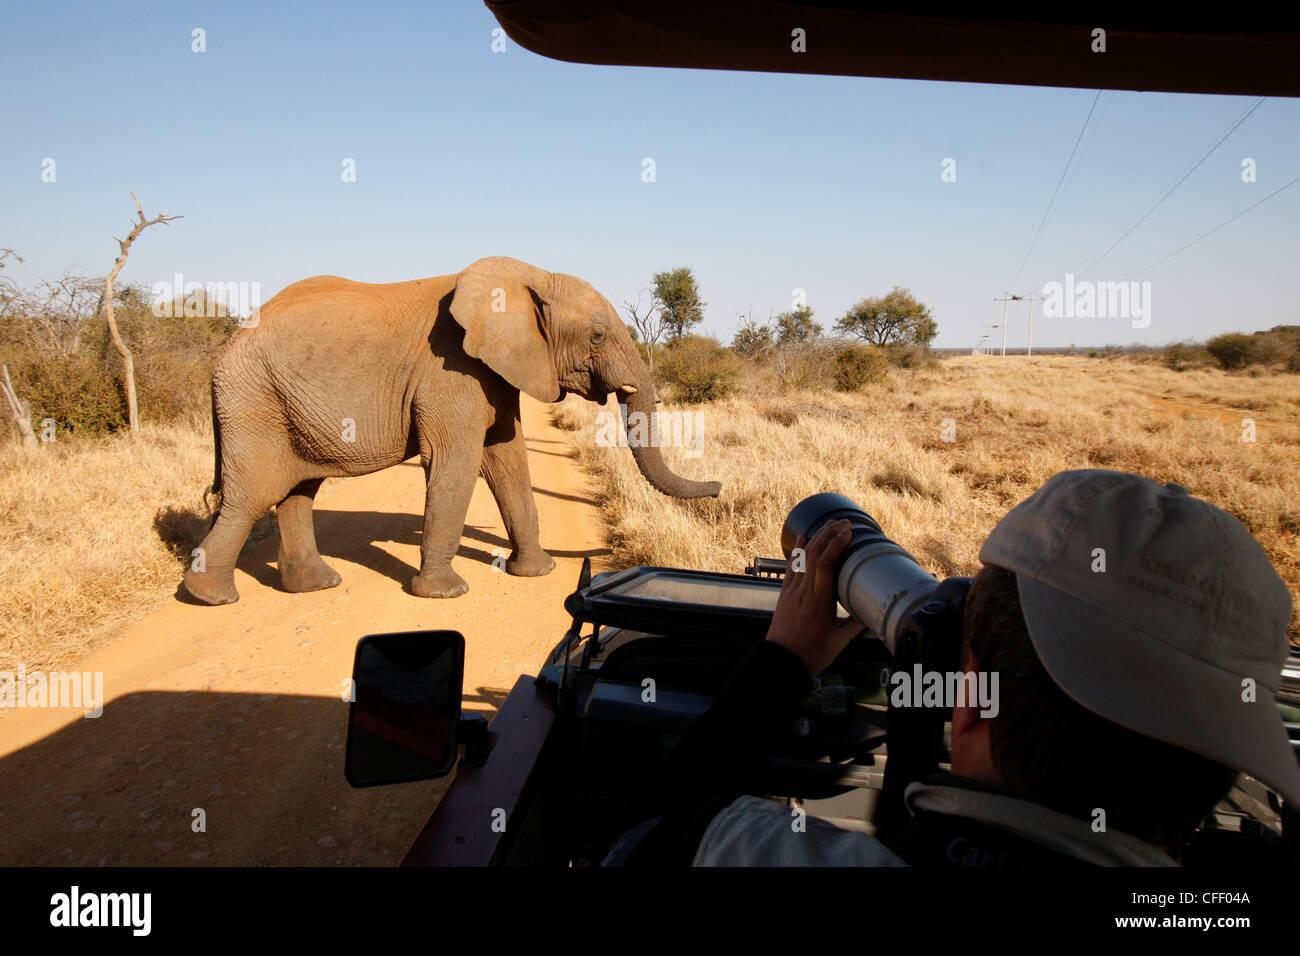 En face de l'éléphant d'véhicule safari, Madikwe Game Reserve, Pilanesberg, Afrique du Sud, Photo Stock